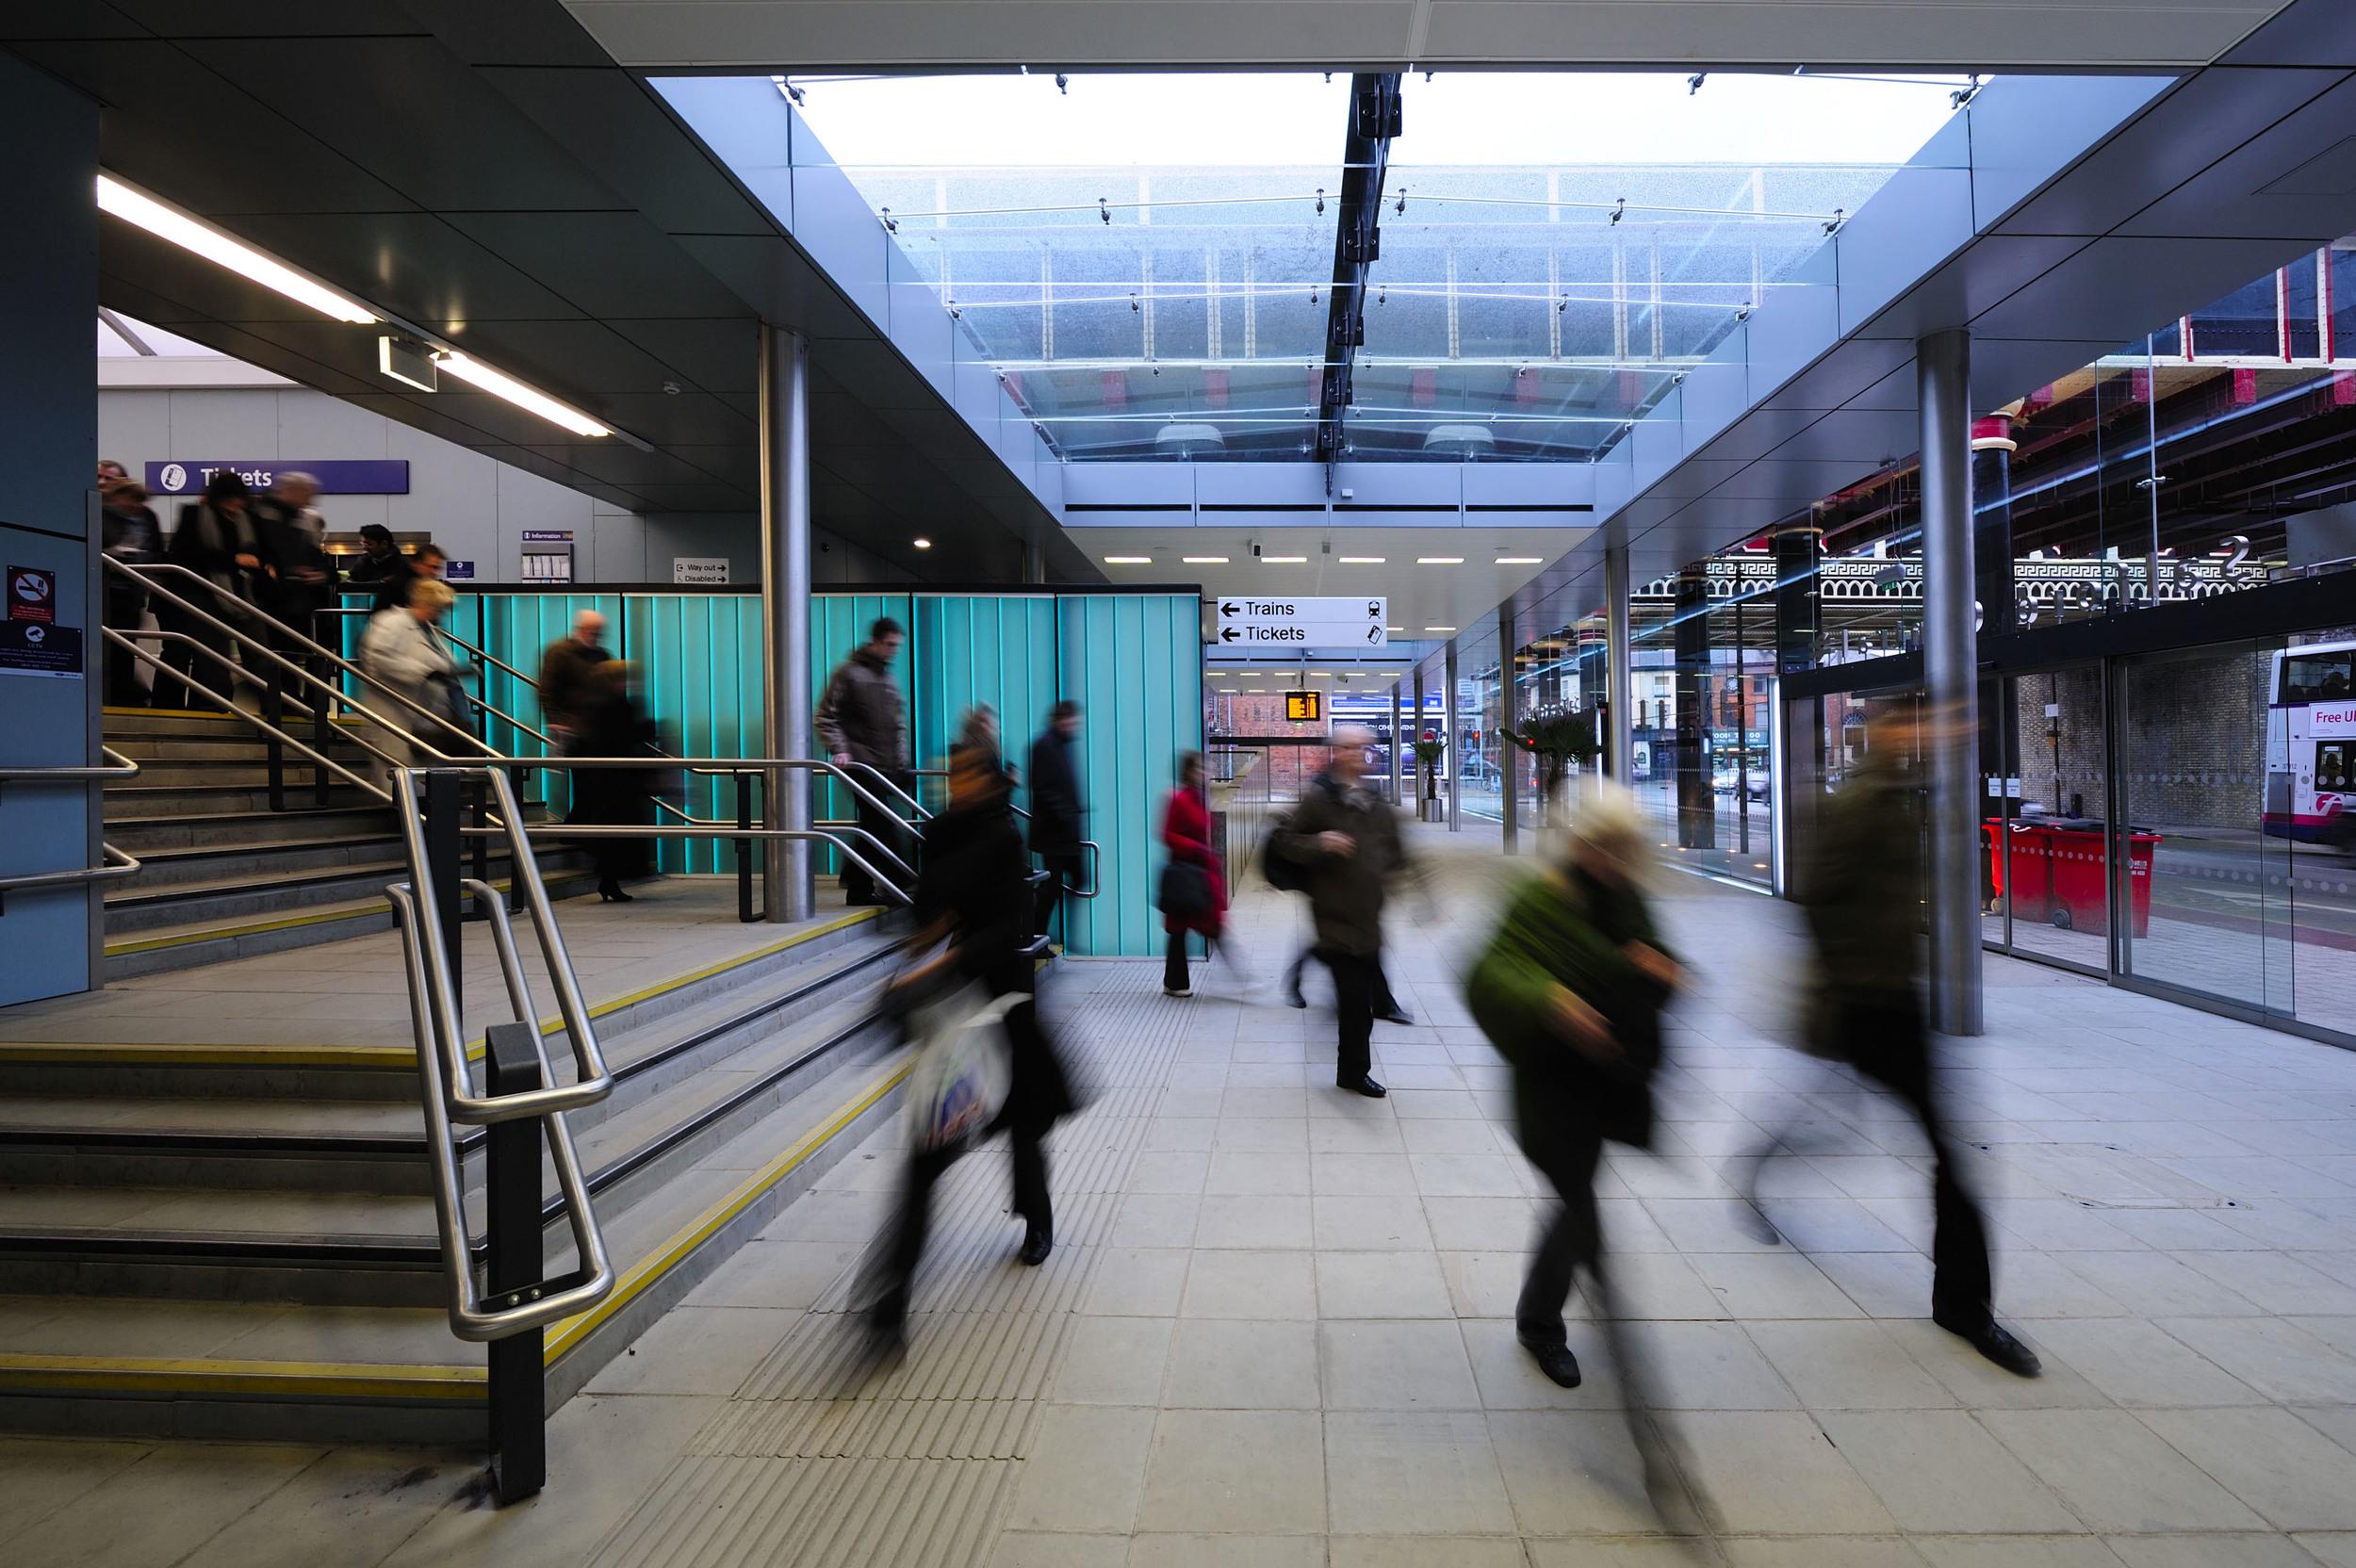 Salford Central Station Interior